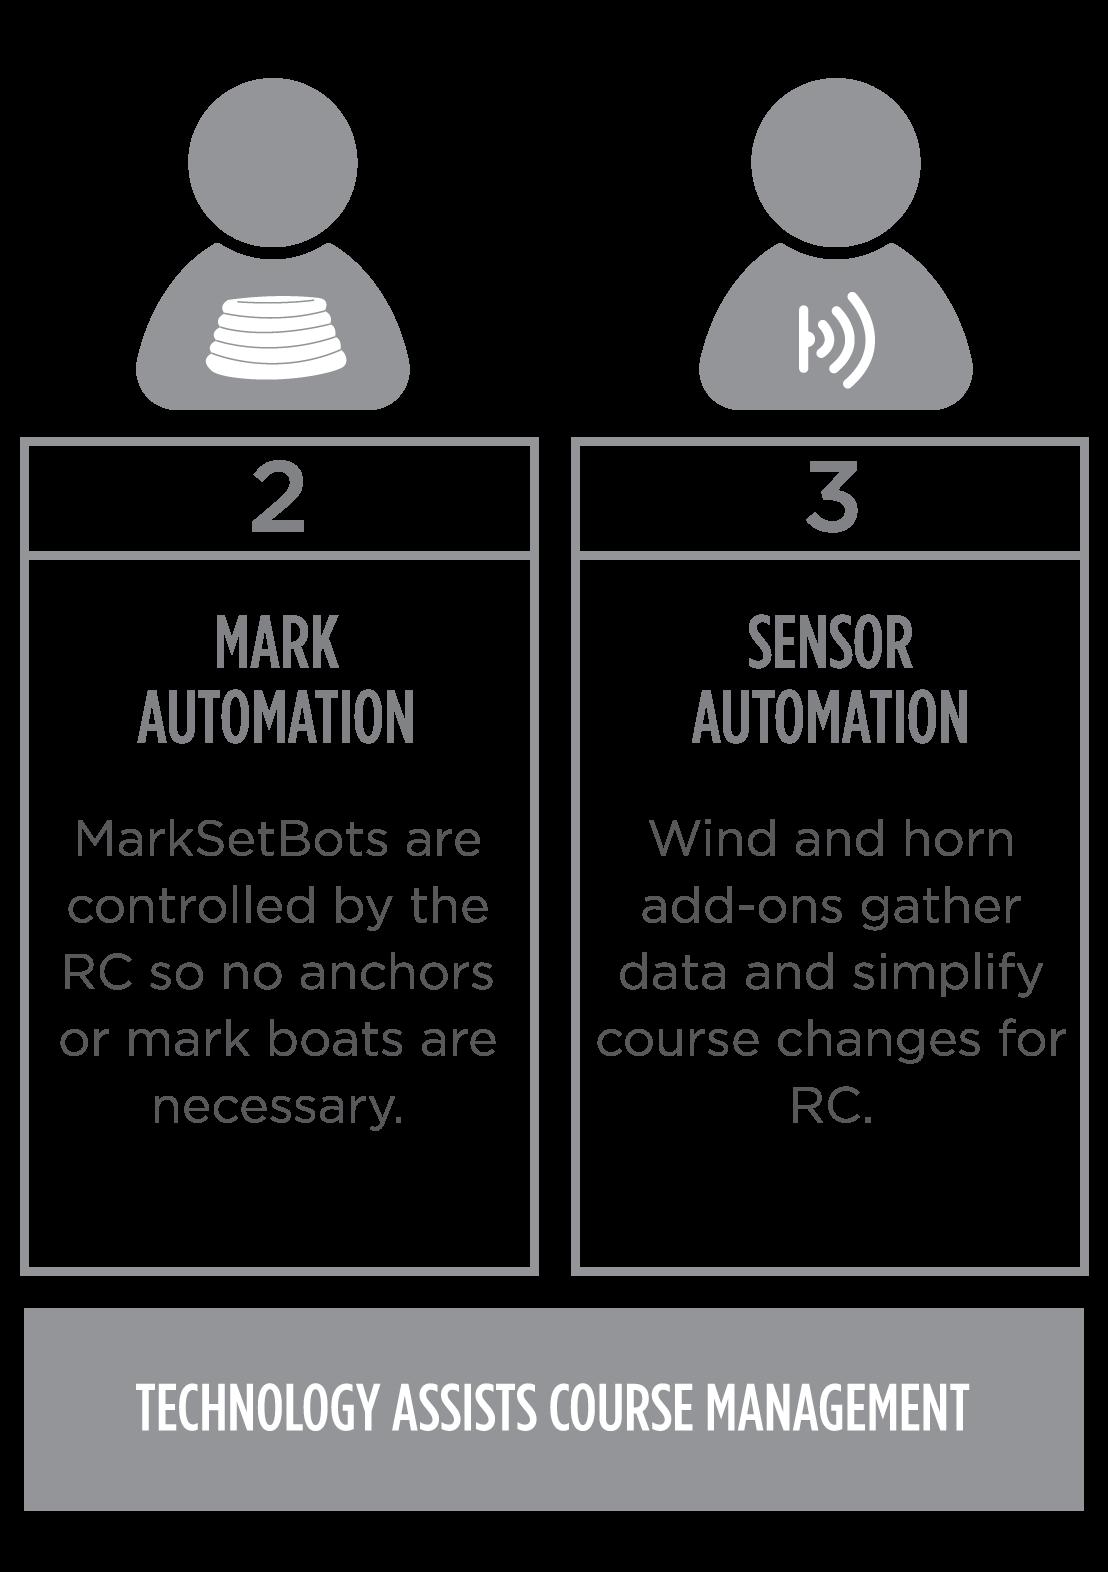 Niveles de automatización 1-2